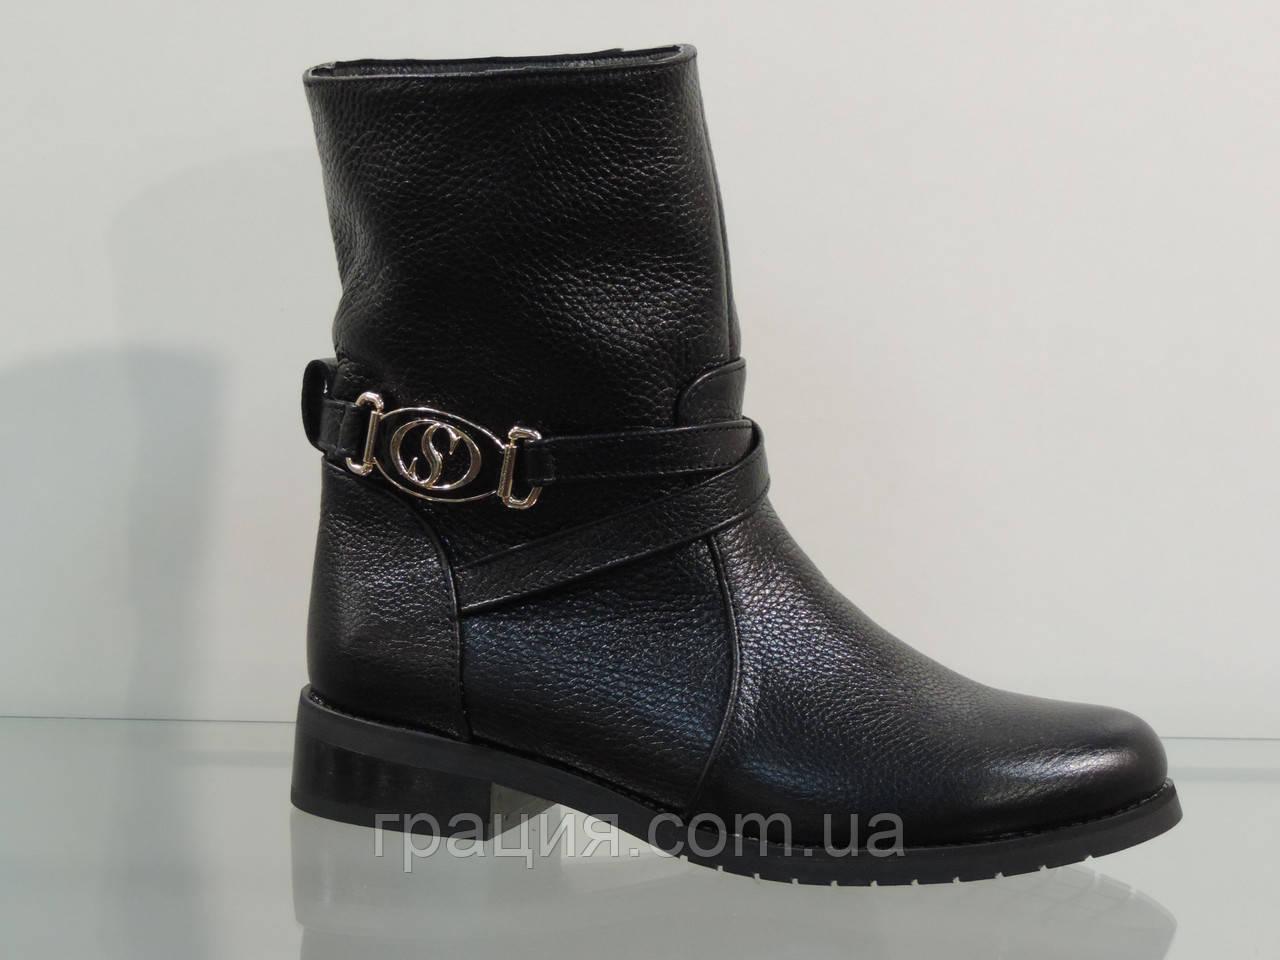 Ботинки молодежные кожаные без молнии